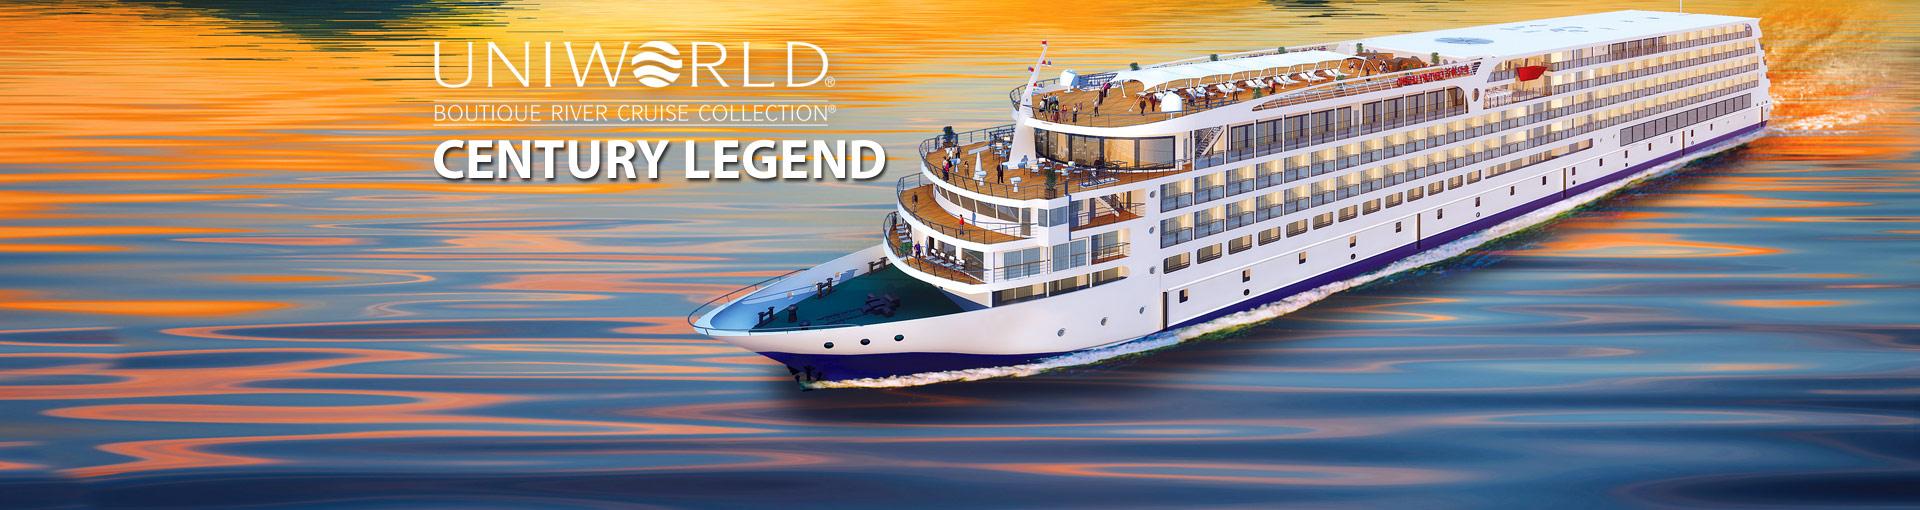 Uniworld River Cruises Century Legend river cruis